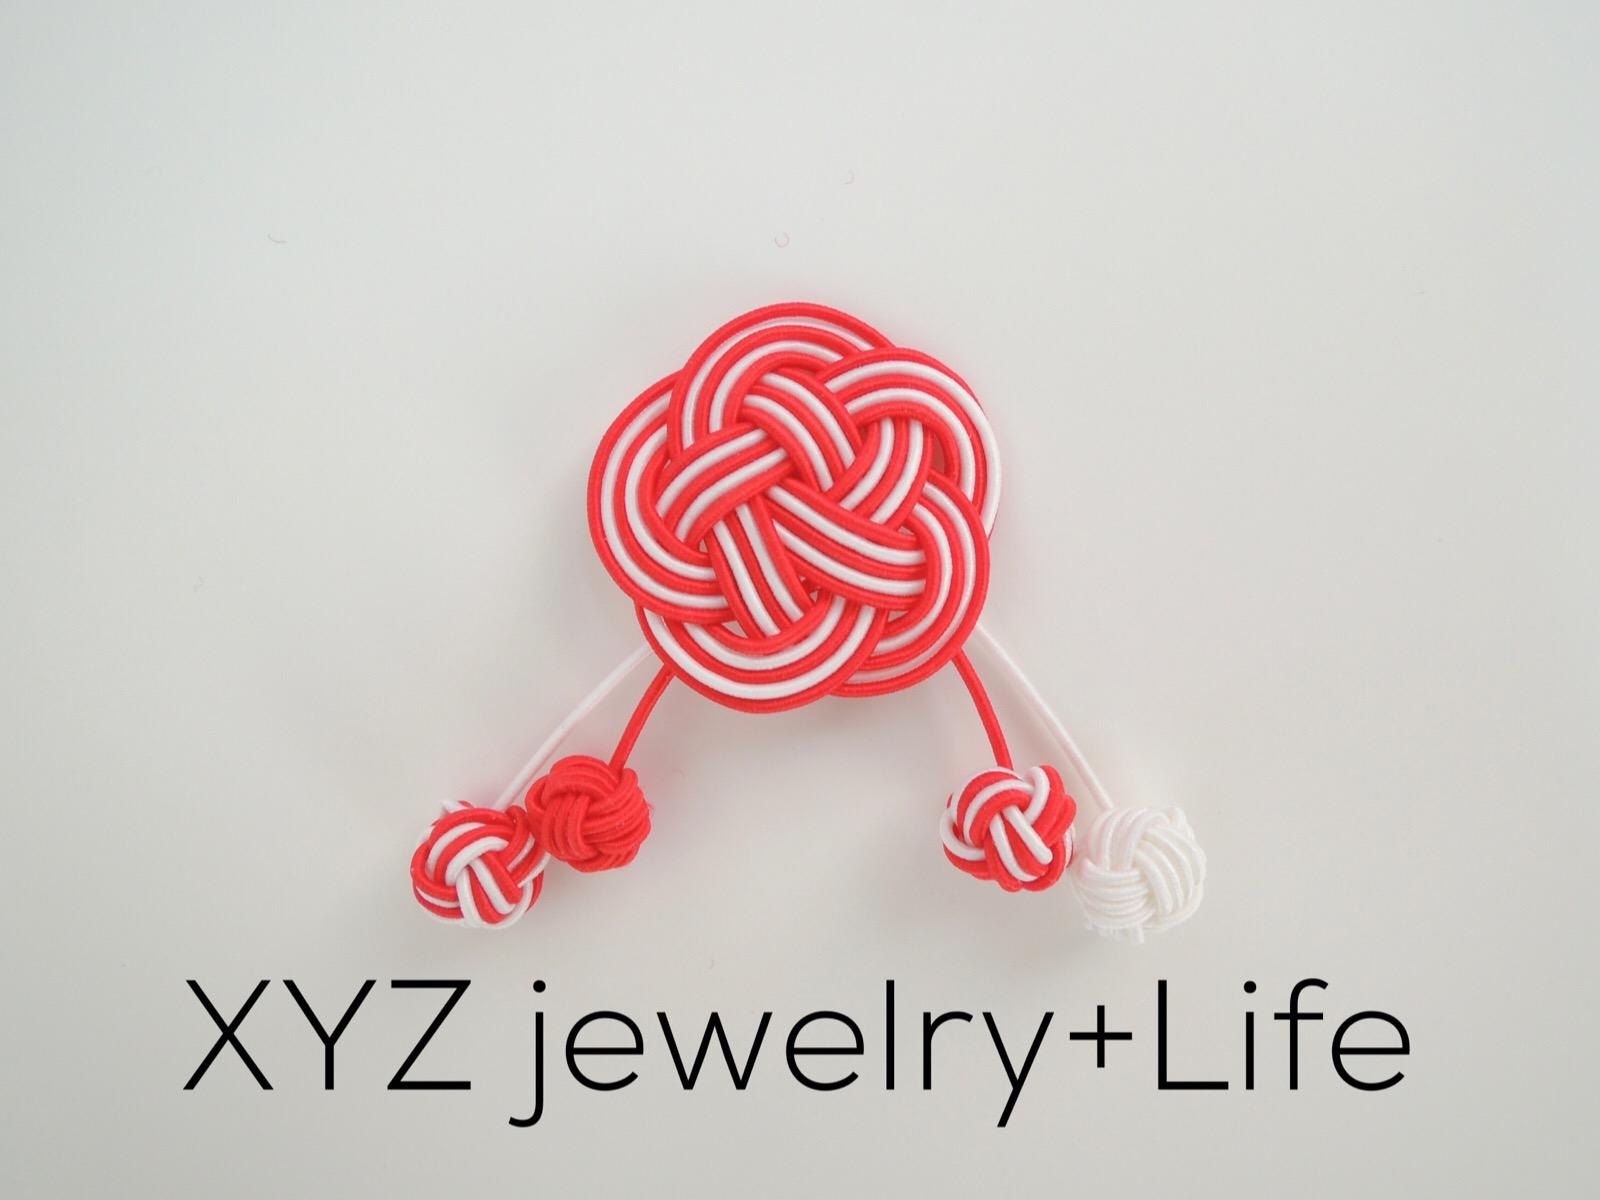 XYZ jewelry + Life